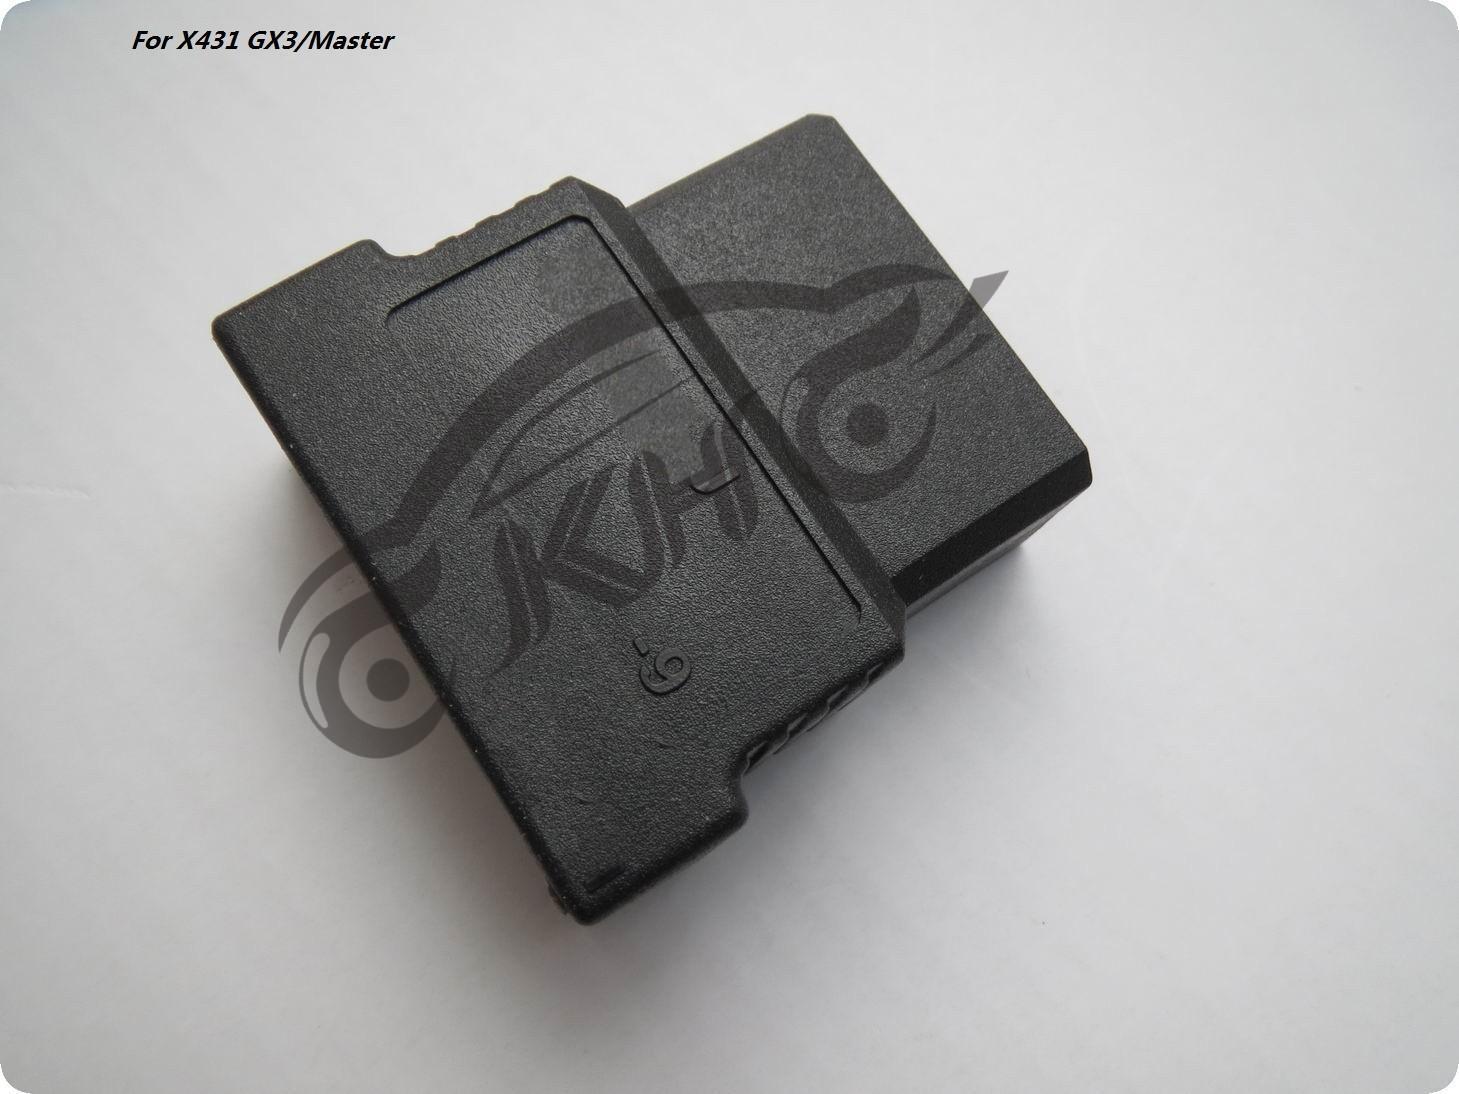 100٪ الأصلي للحصول على إطلاق X431 لSubaru9 دبوس موصل OBD الثاني على 431 GX3 ماستر OBD-II محول OBDII اتصال ل